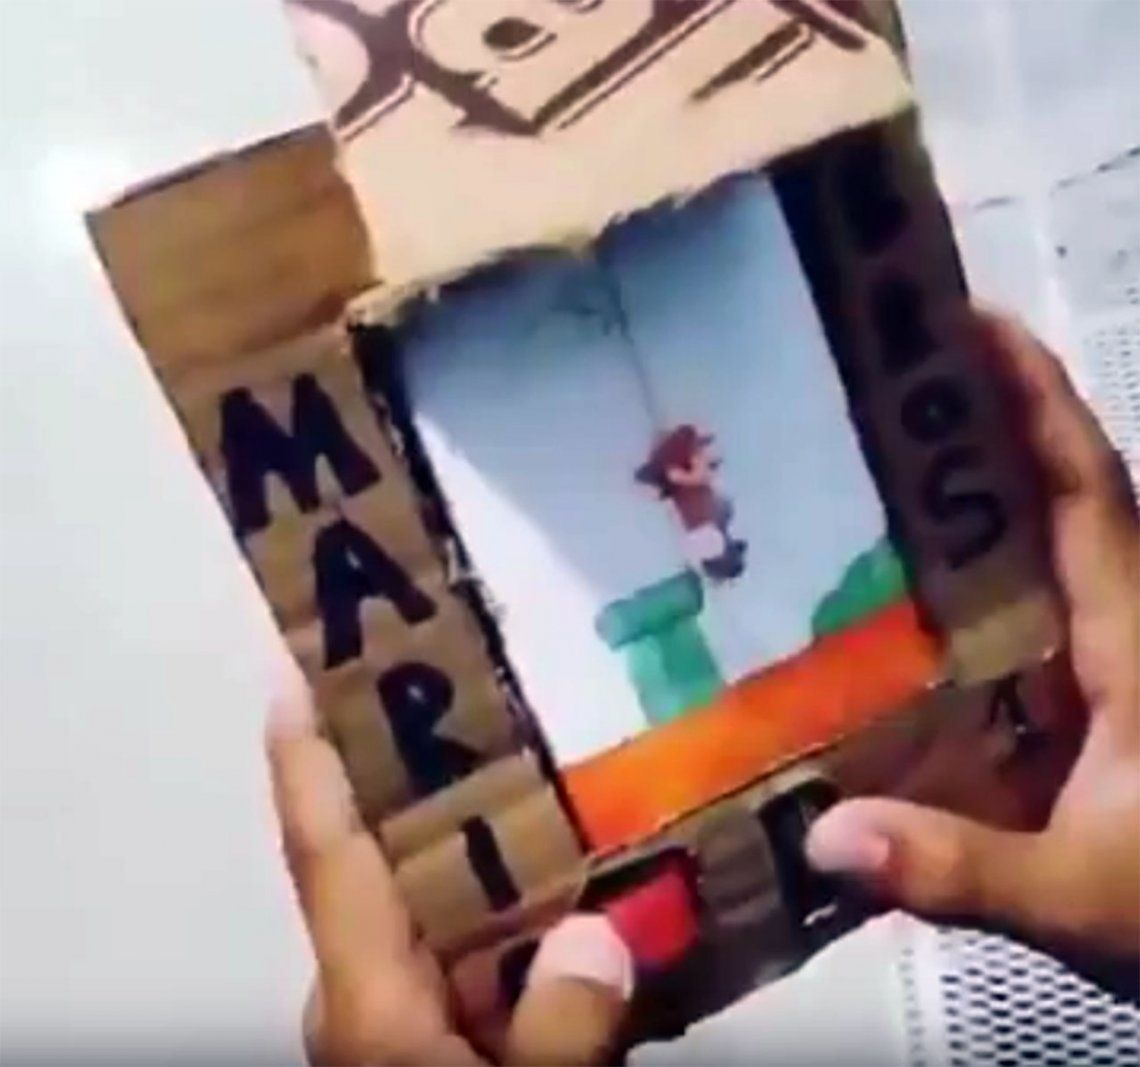 Inventó una versión artesanal de Mario Bros y es furor en las redes